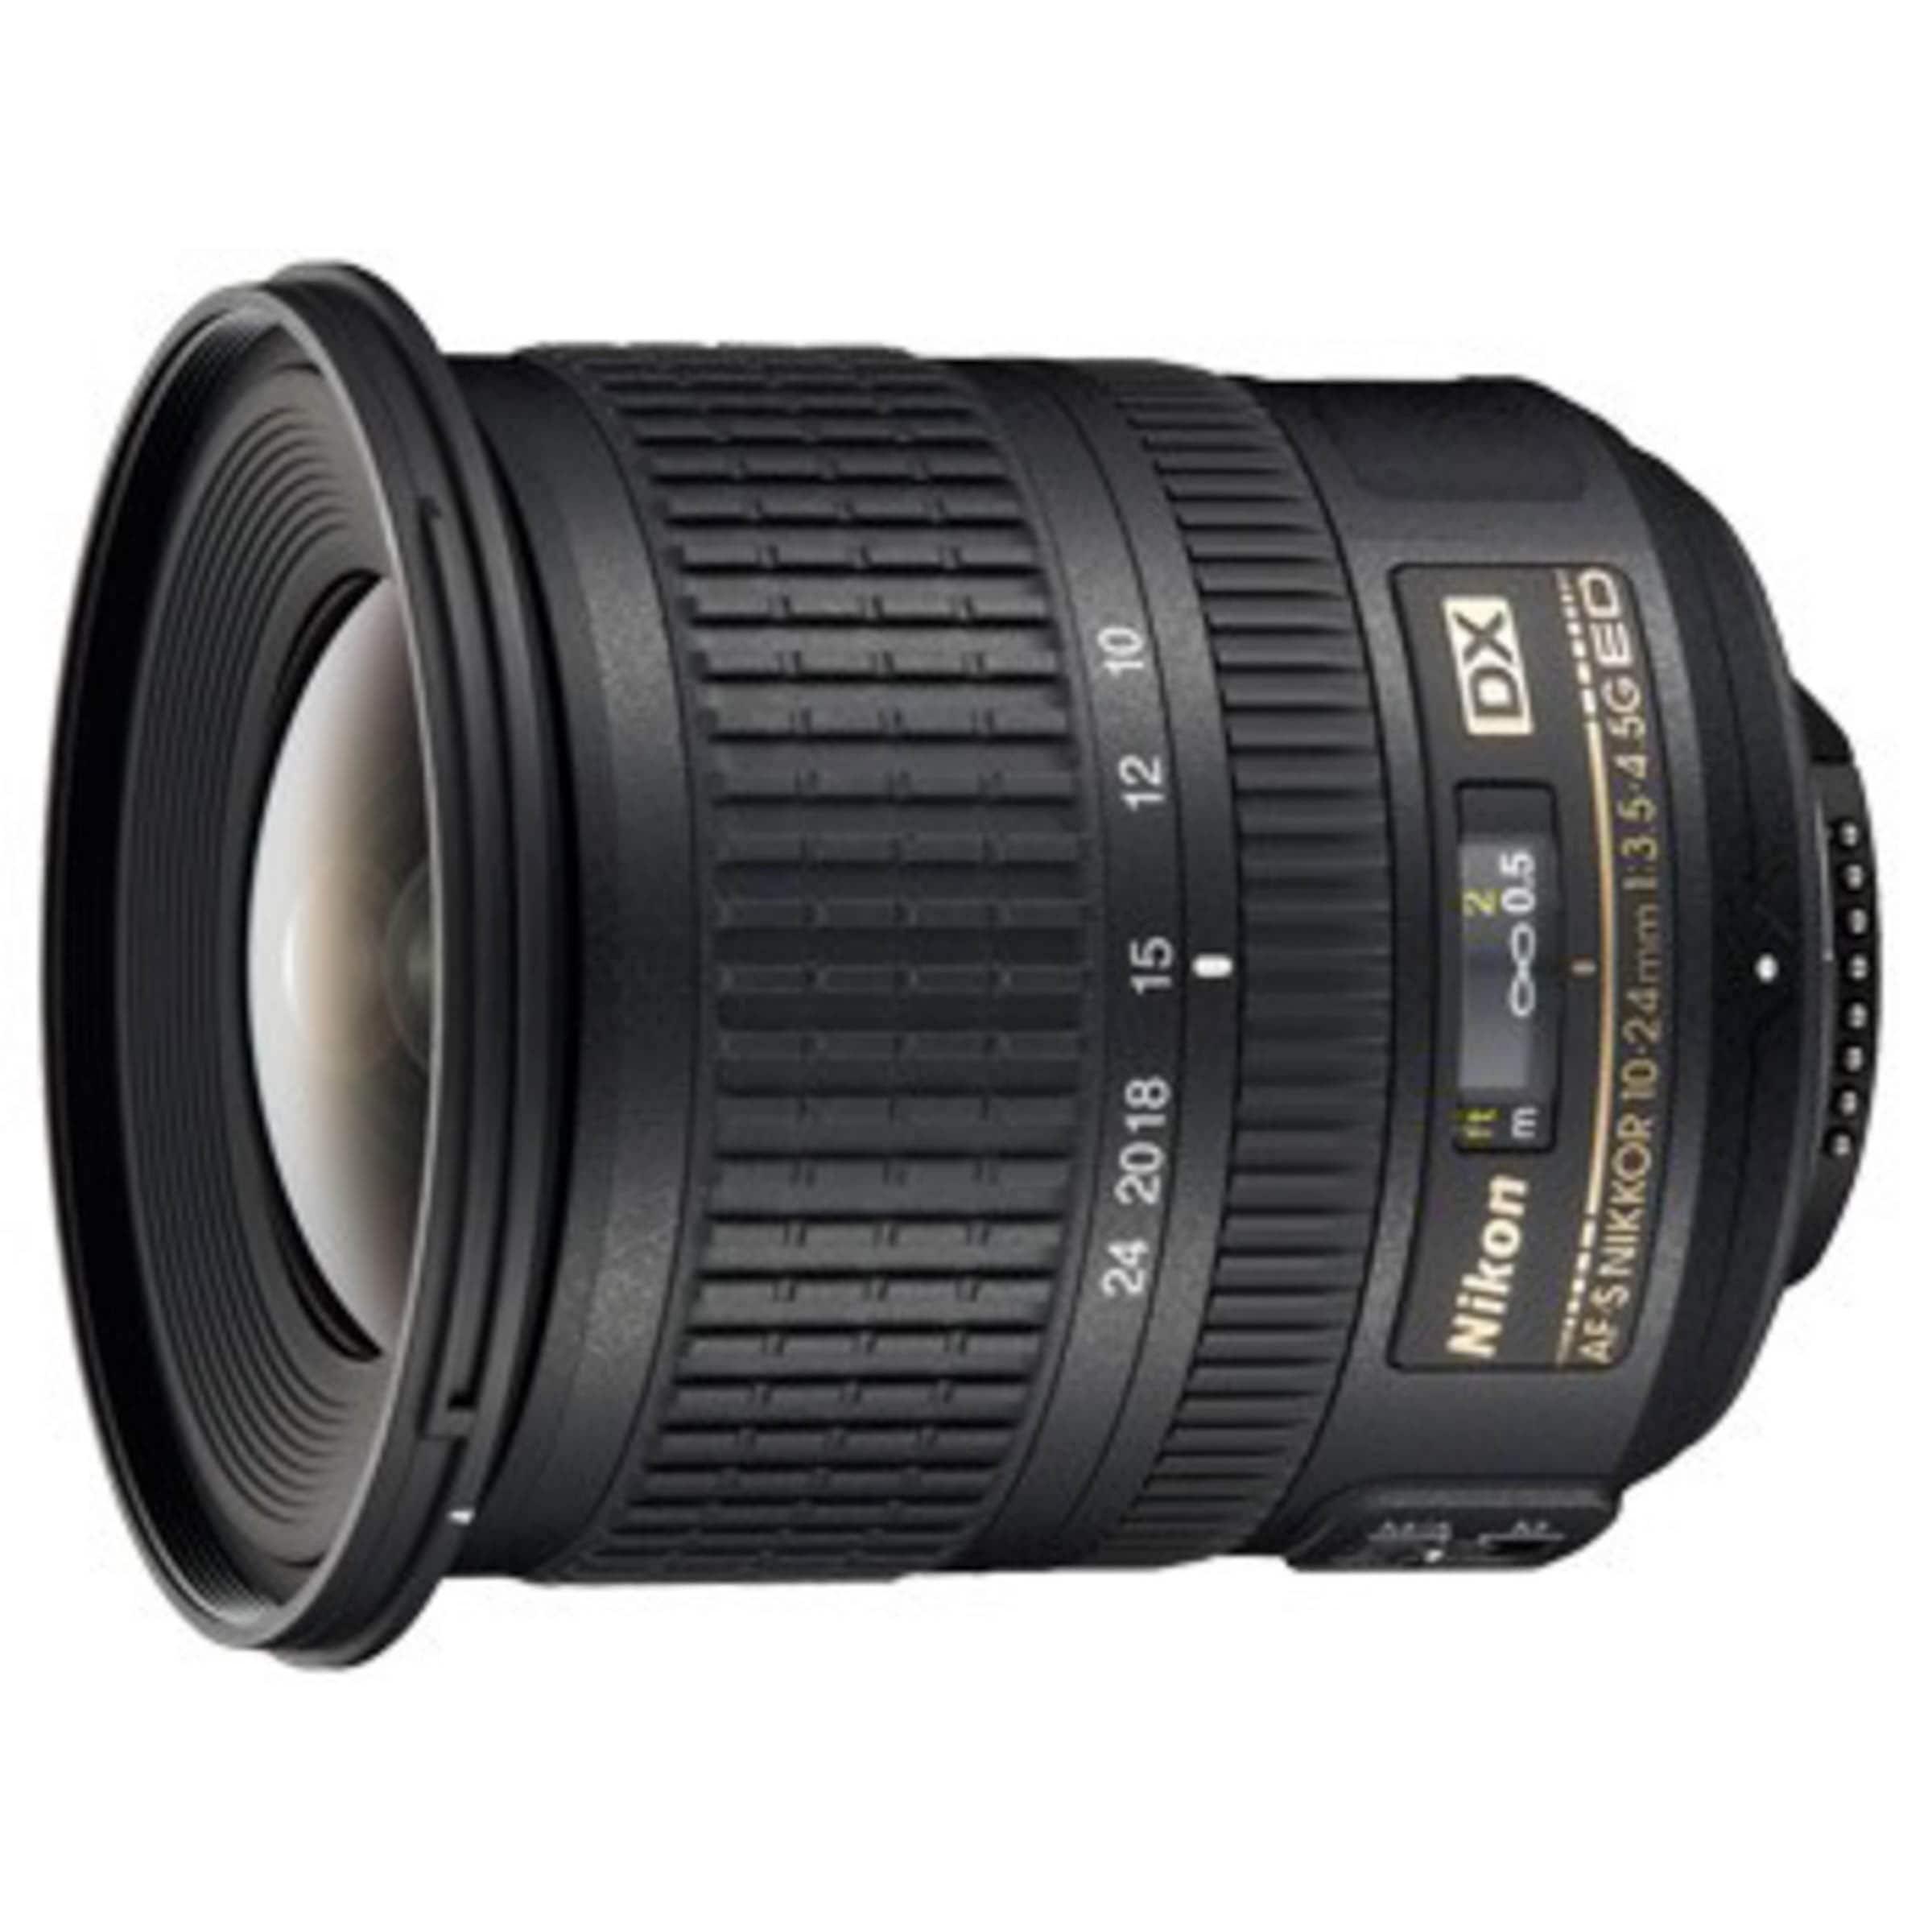 af-s_dx_nikkor_10-24mm_f3.5-4.5g_ed